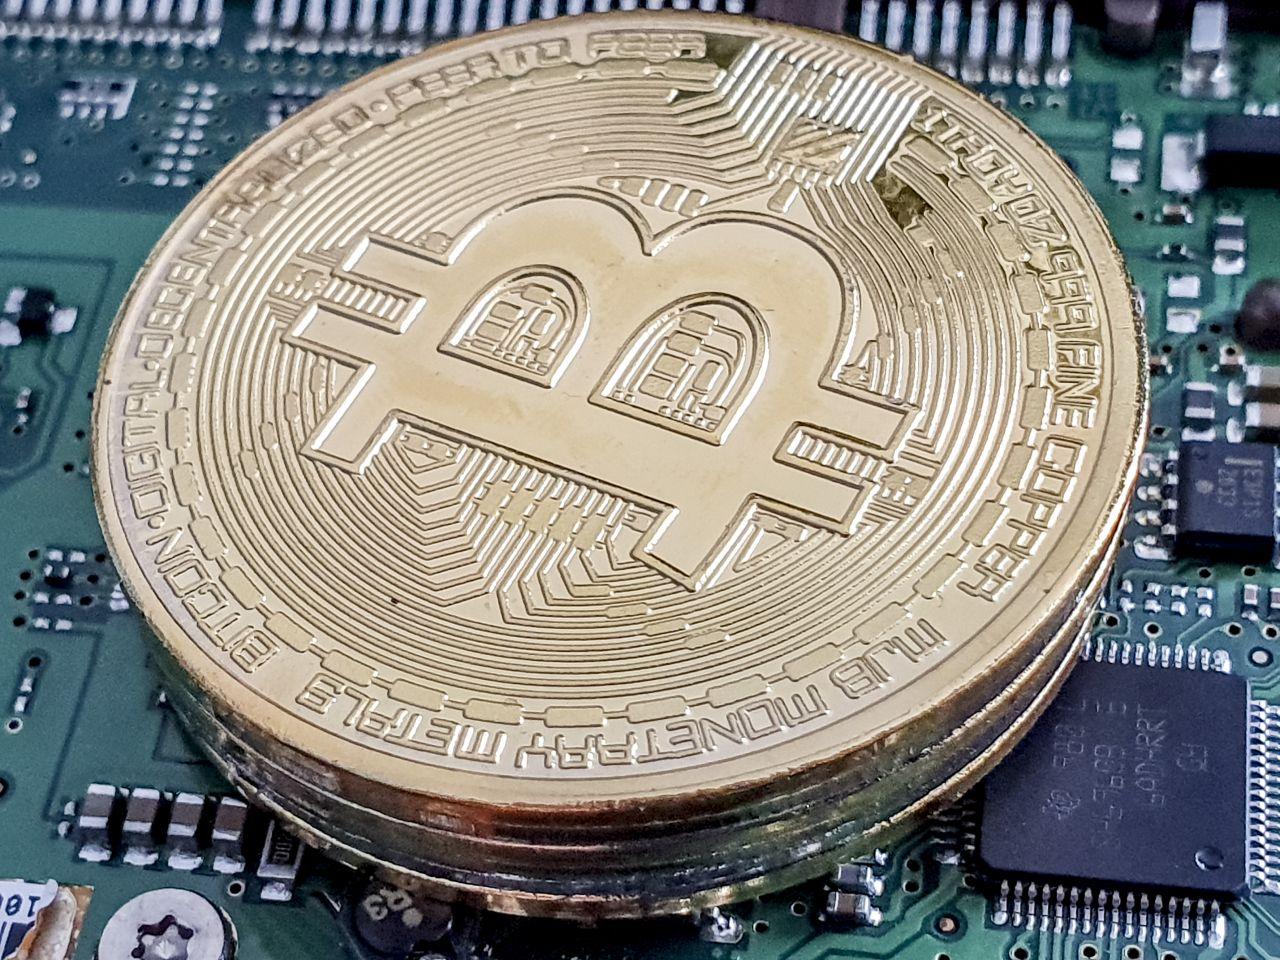 Eine Bitcoin-Münze liegt auf einer Rechner-Platine.